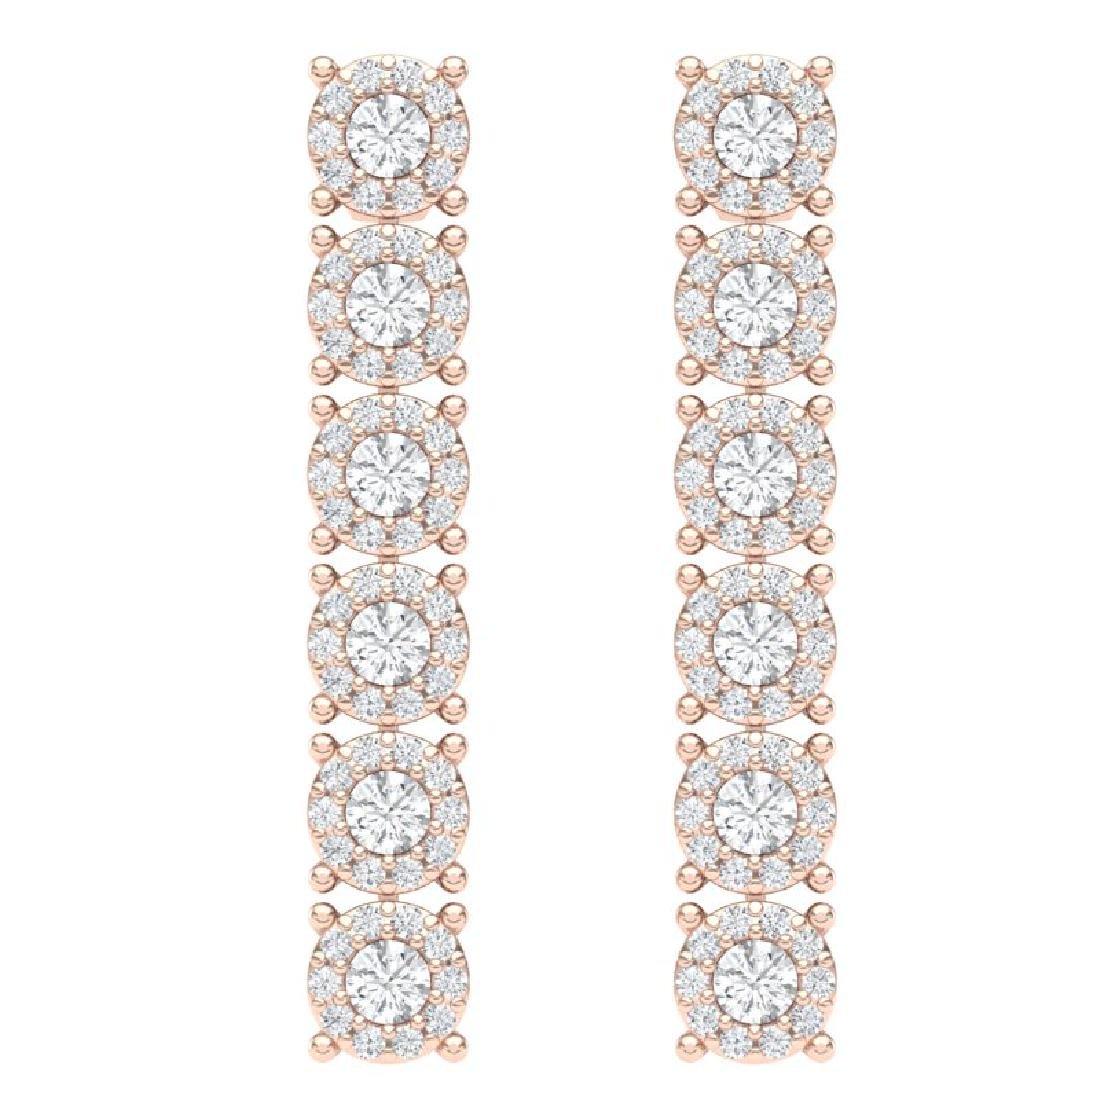 2 CTW Certified SI/I Diamond Halo Earrings 18K Rose - 3